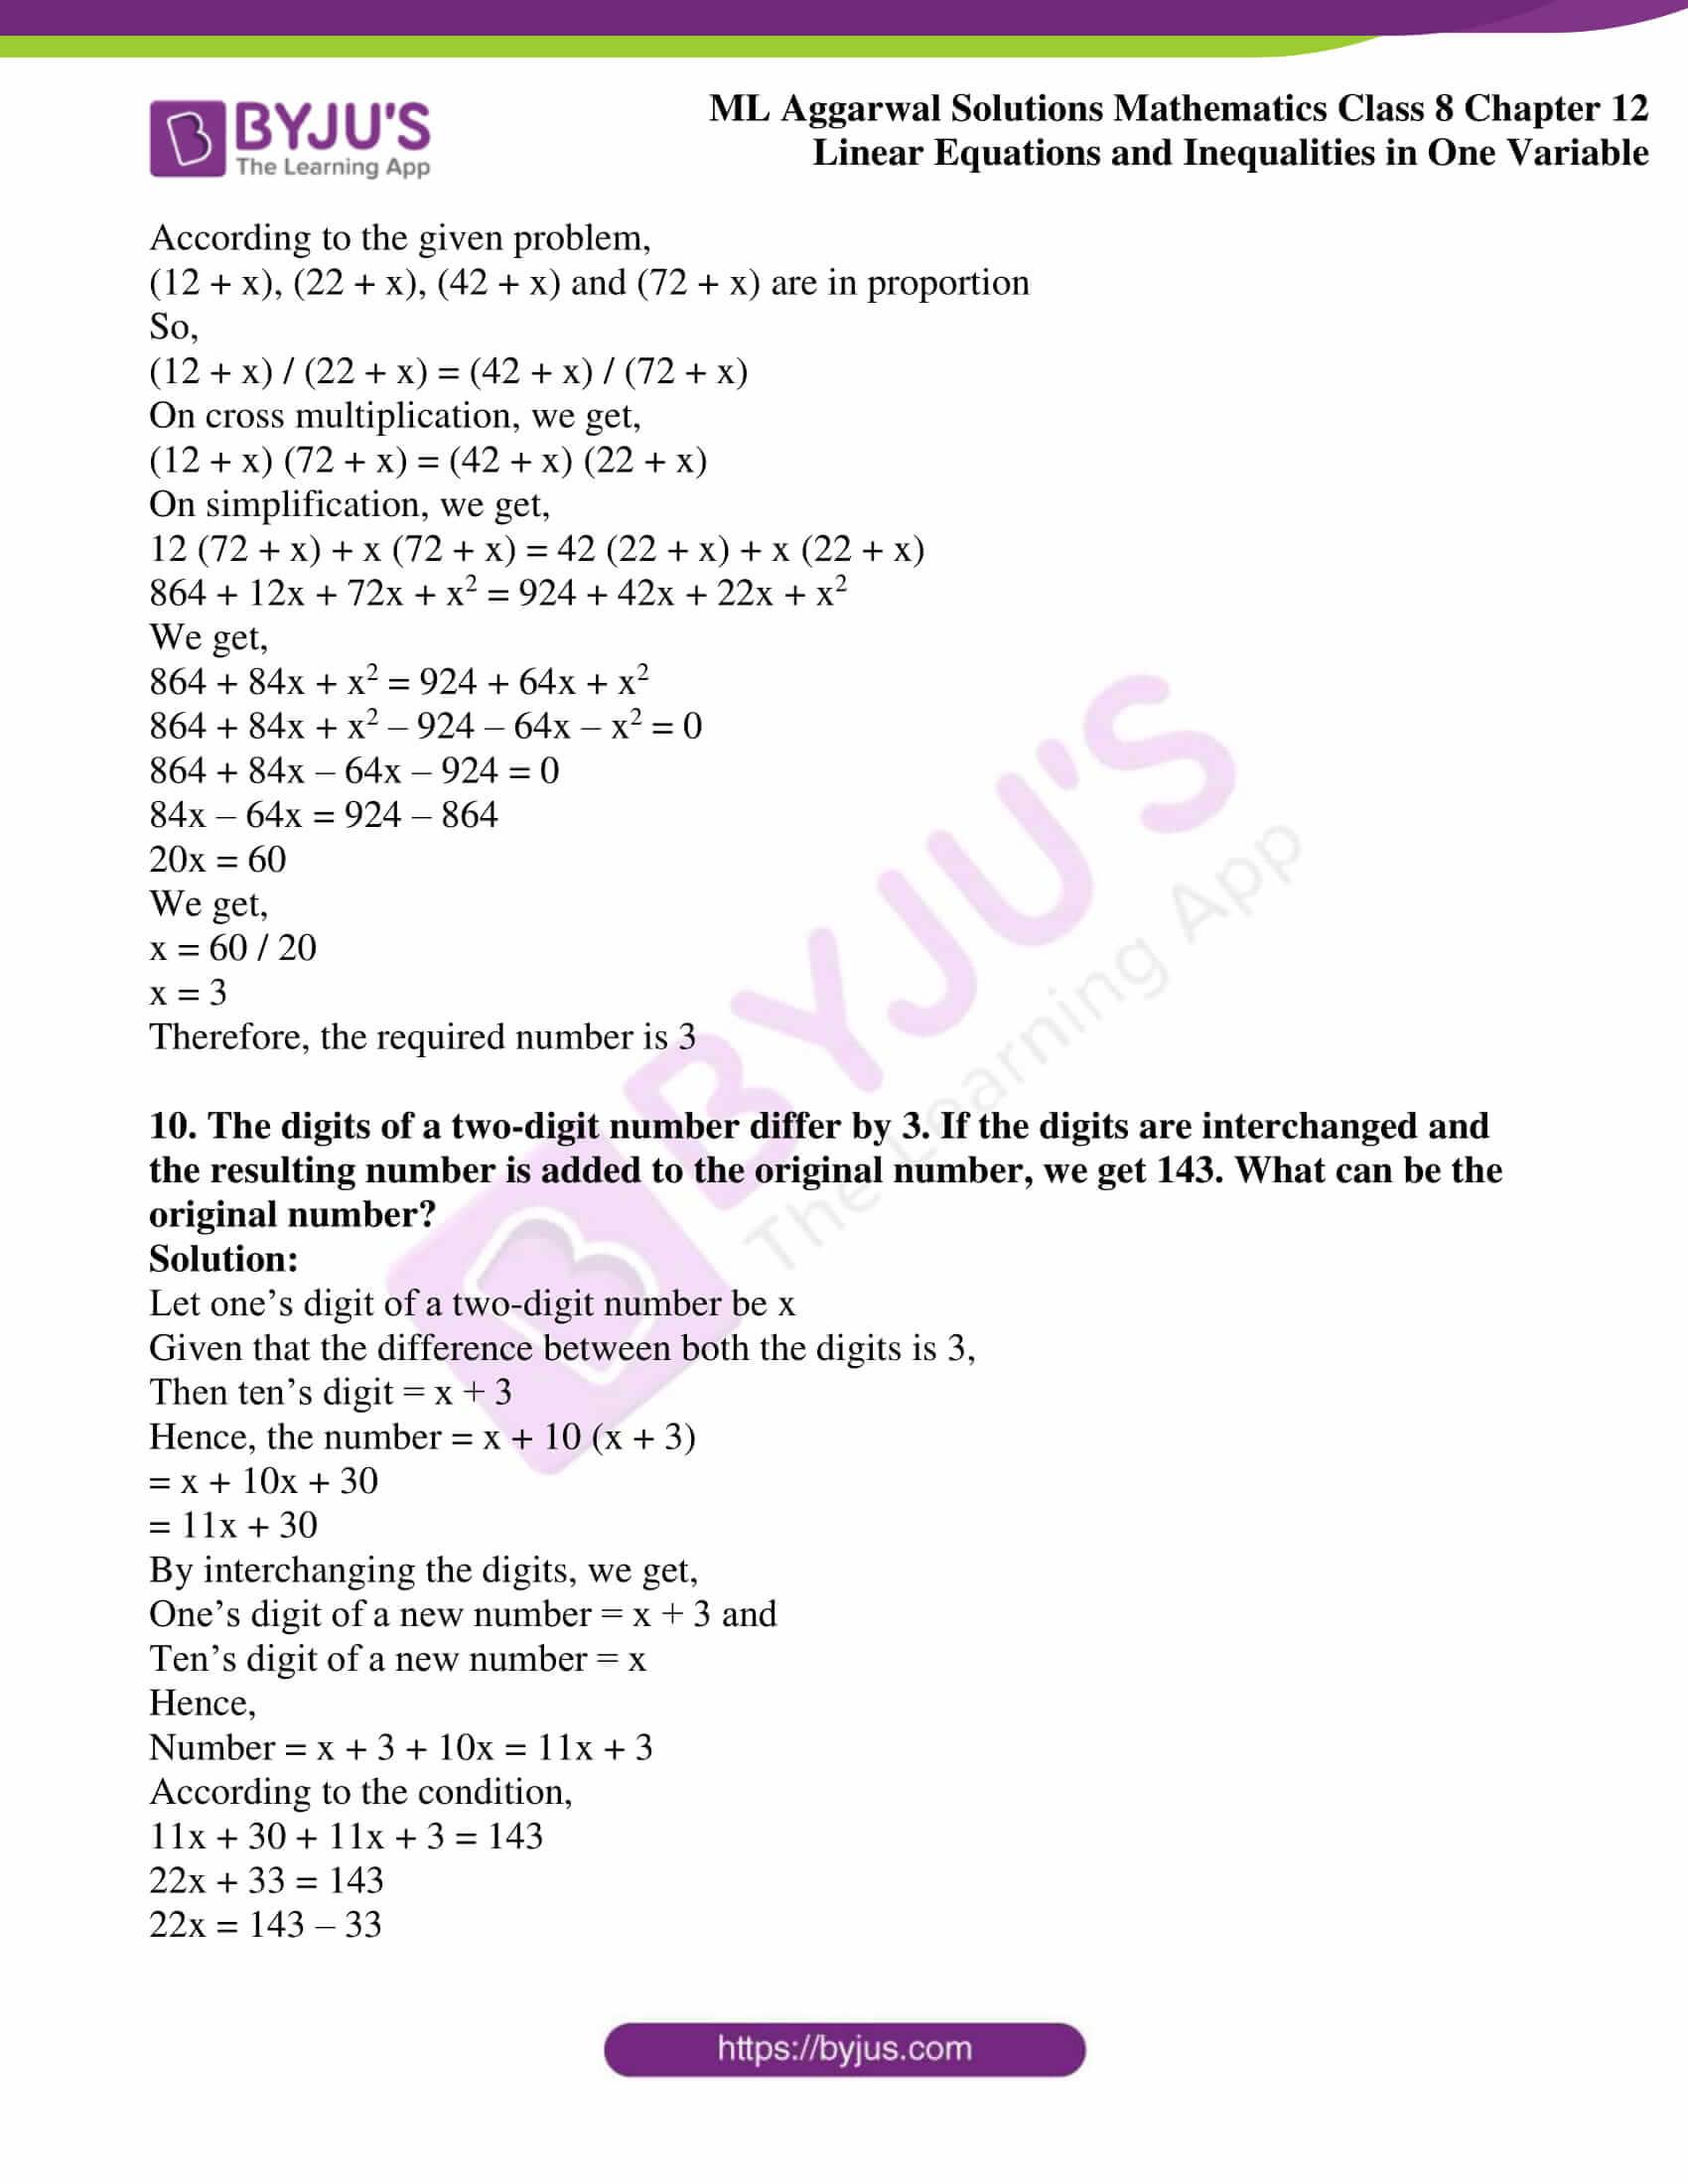 ml aggarwal sol mathematics class 8 ch 12 14